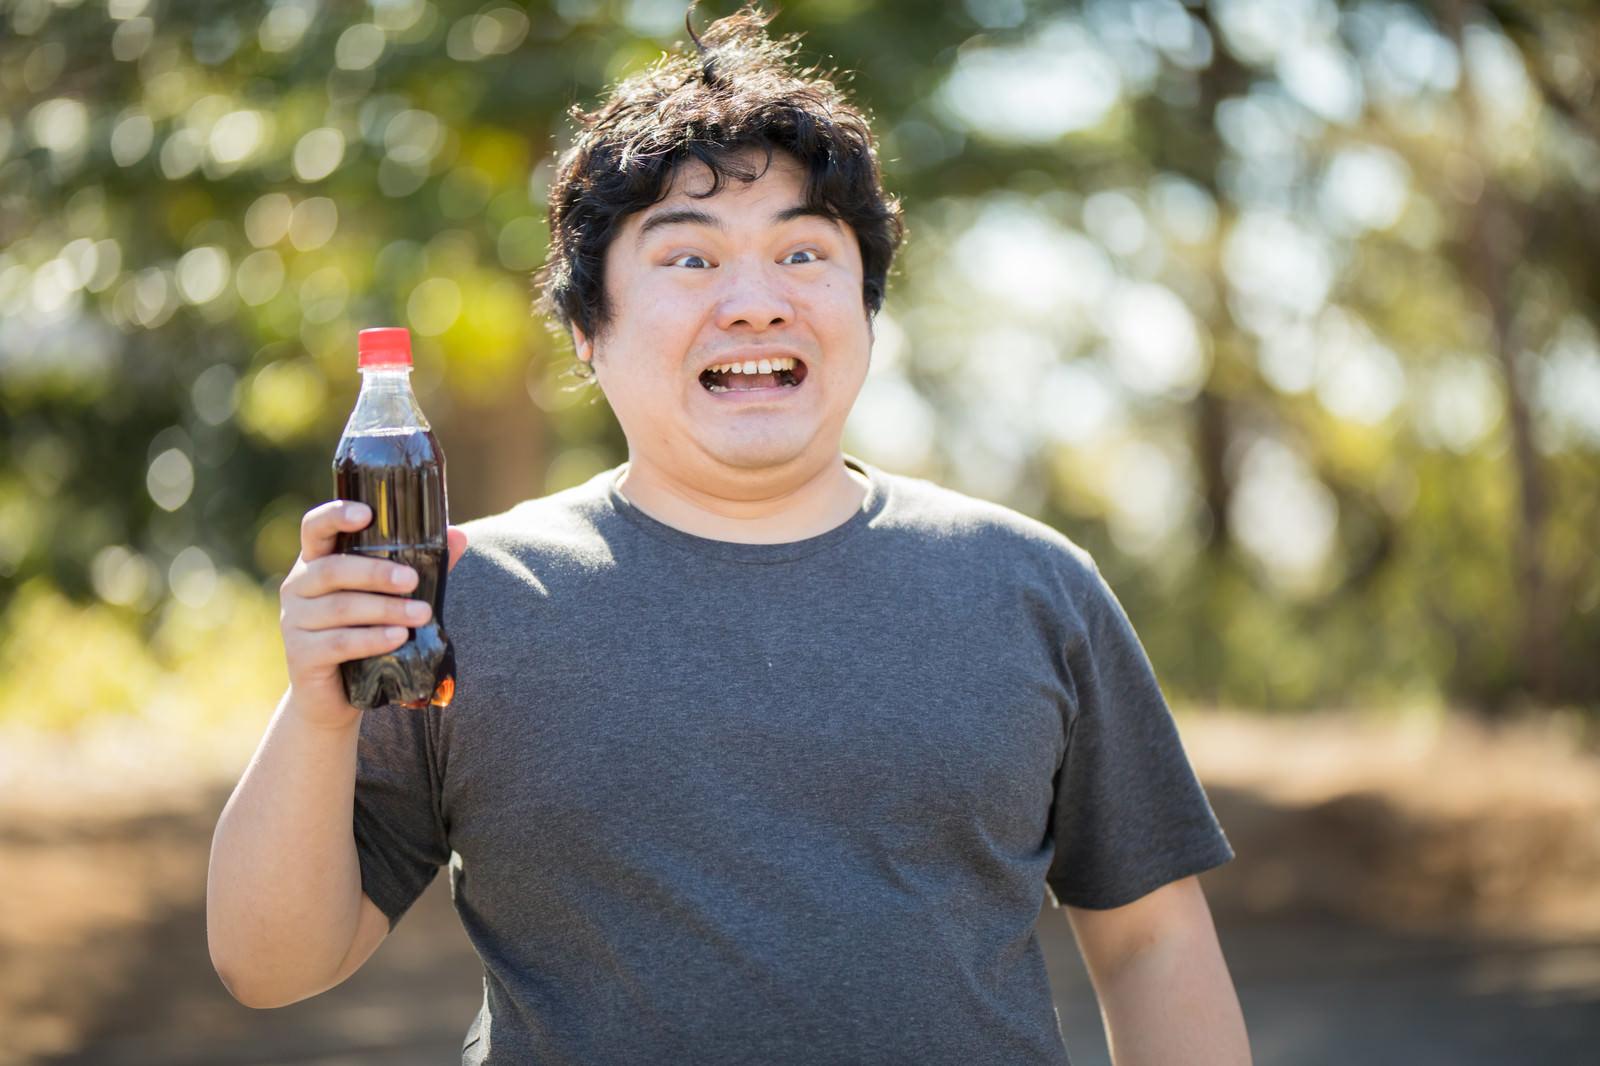 「コーラ片手に不気味な笑みを浮かべる太っちょさん」の写真[モデル:段田隼人]